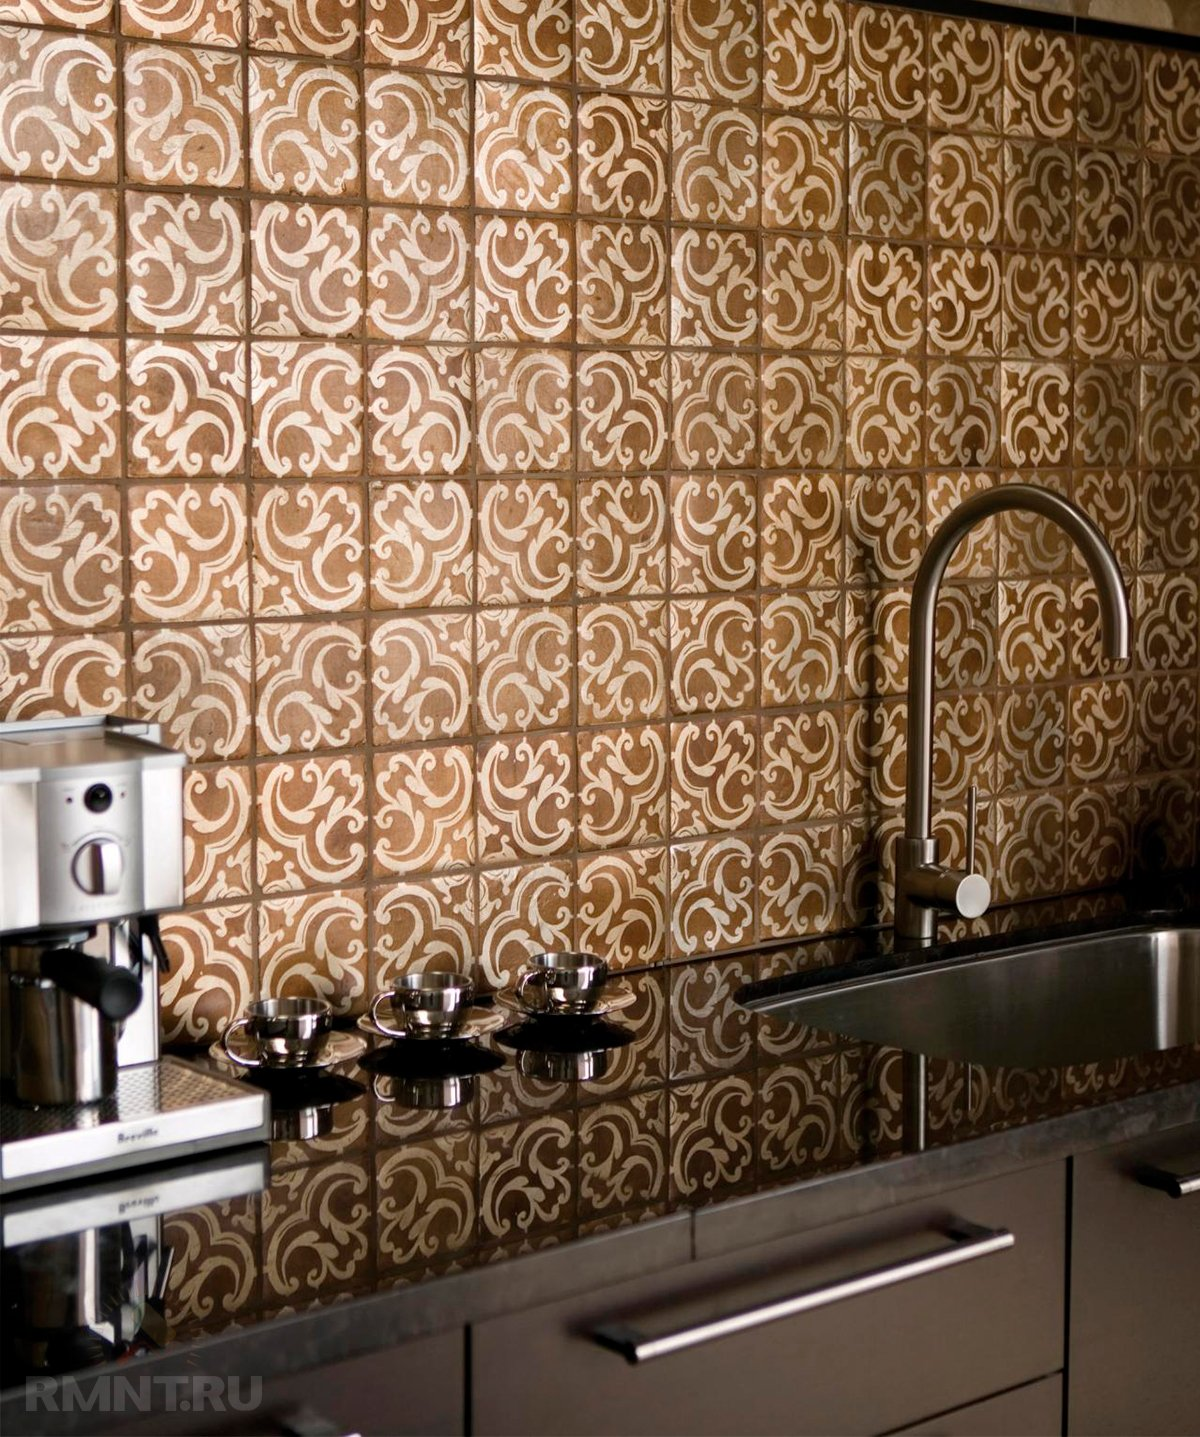 Марокканская плитка зеллидж: особенности и фотопримеры